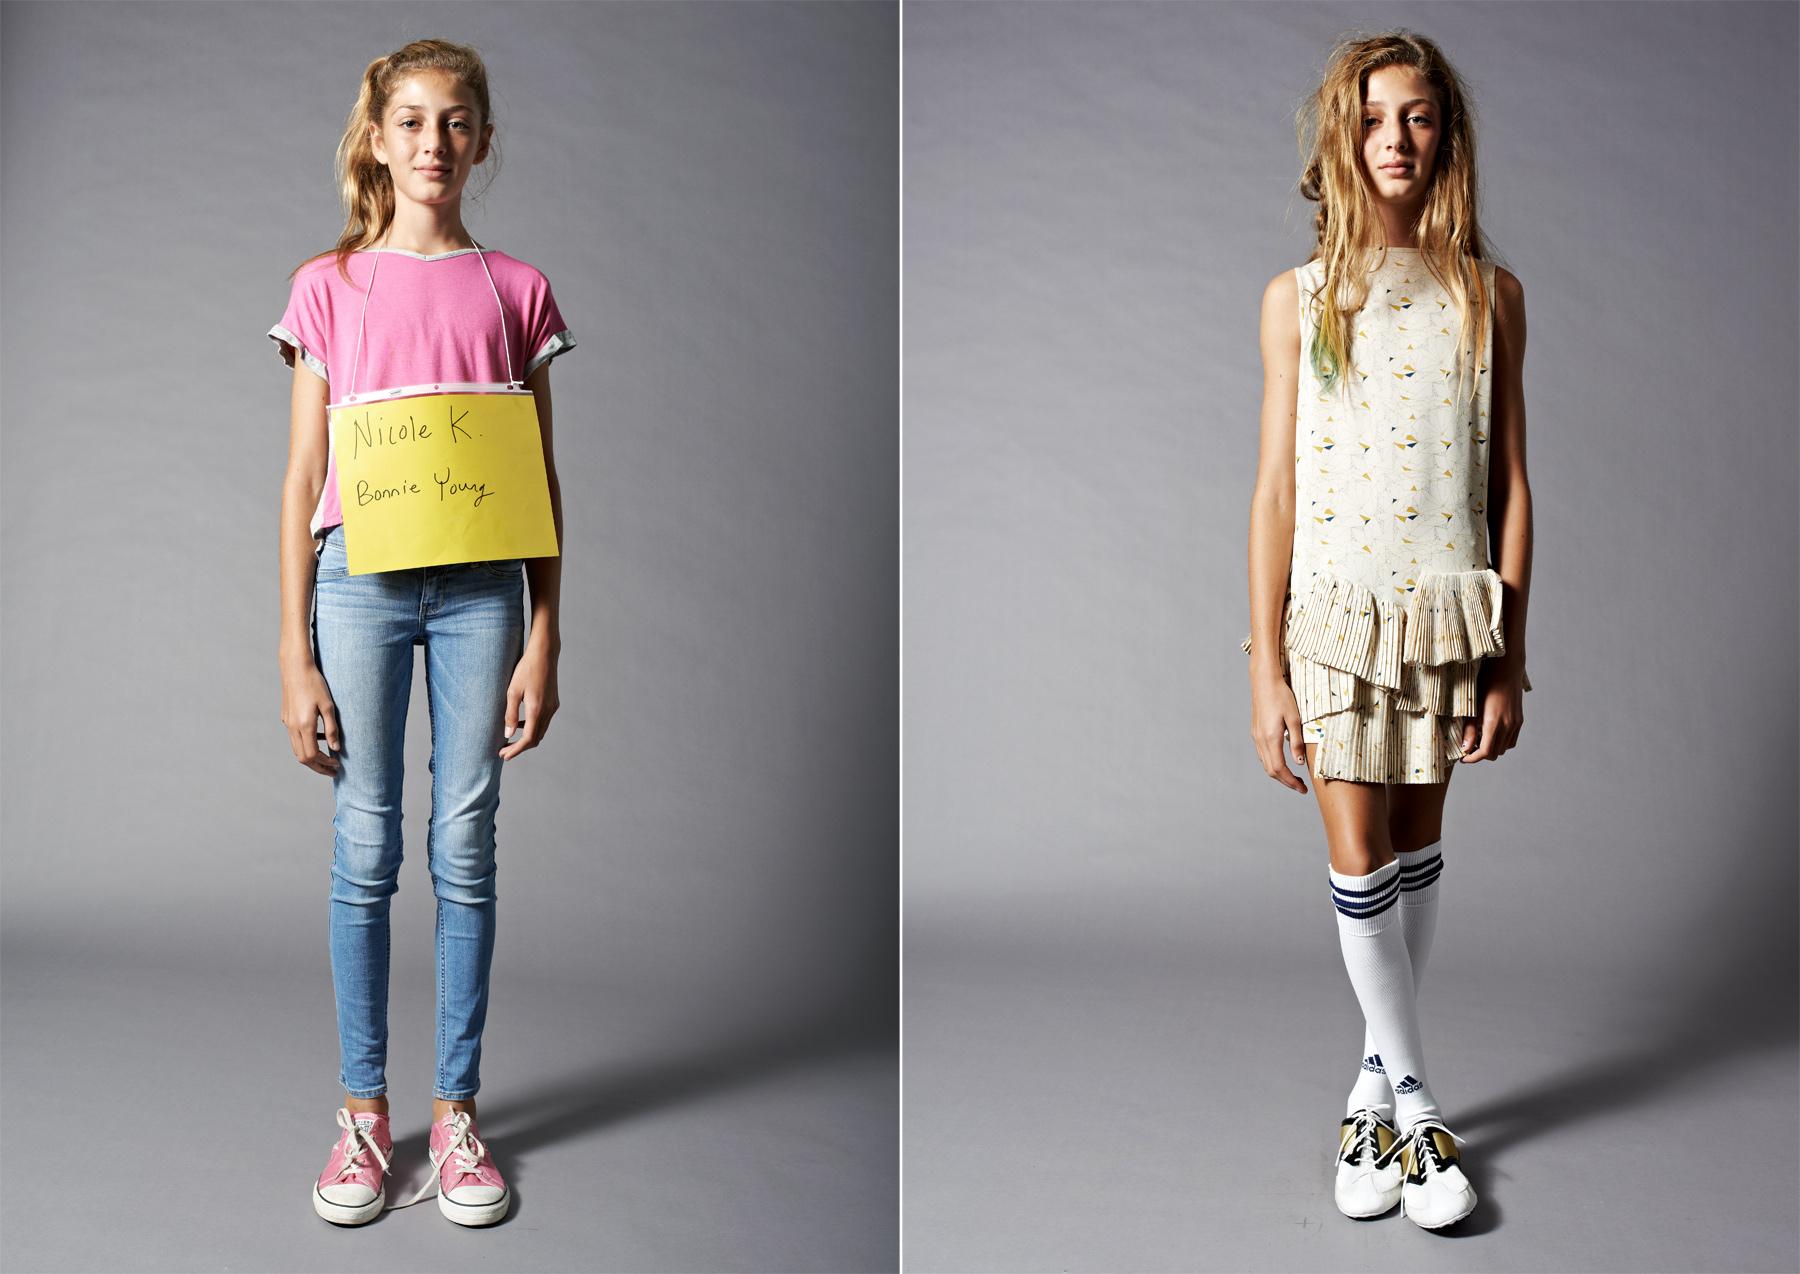 Vogue Bambini Luca Zordan